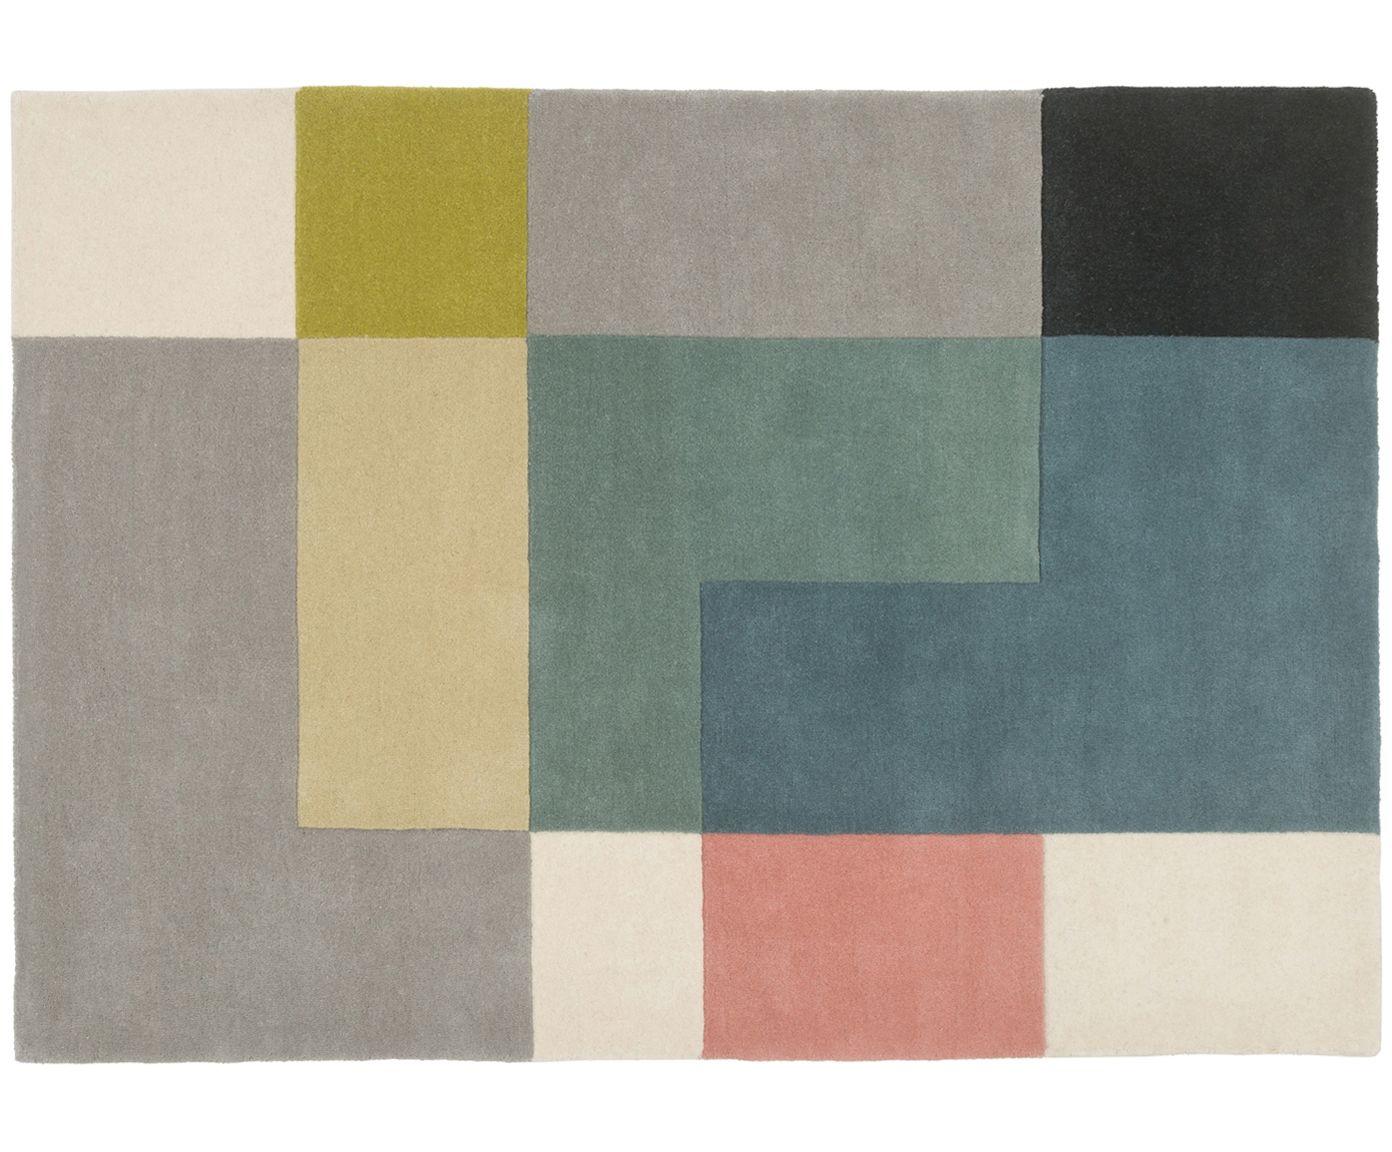 Gehen Sie Mit Dem Handgetufteten Woll Teppich Tetris Mit Mehrfarbigen Tetris Muster Wie Auf Wolken Entdecken Si Teppich Teppich Geometrisch Teppich Wohnzimmer